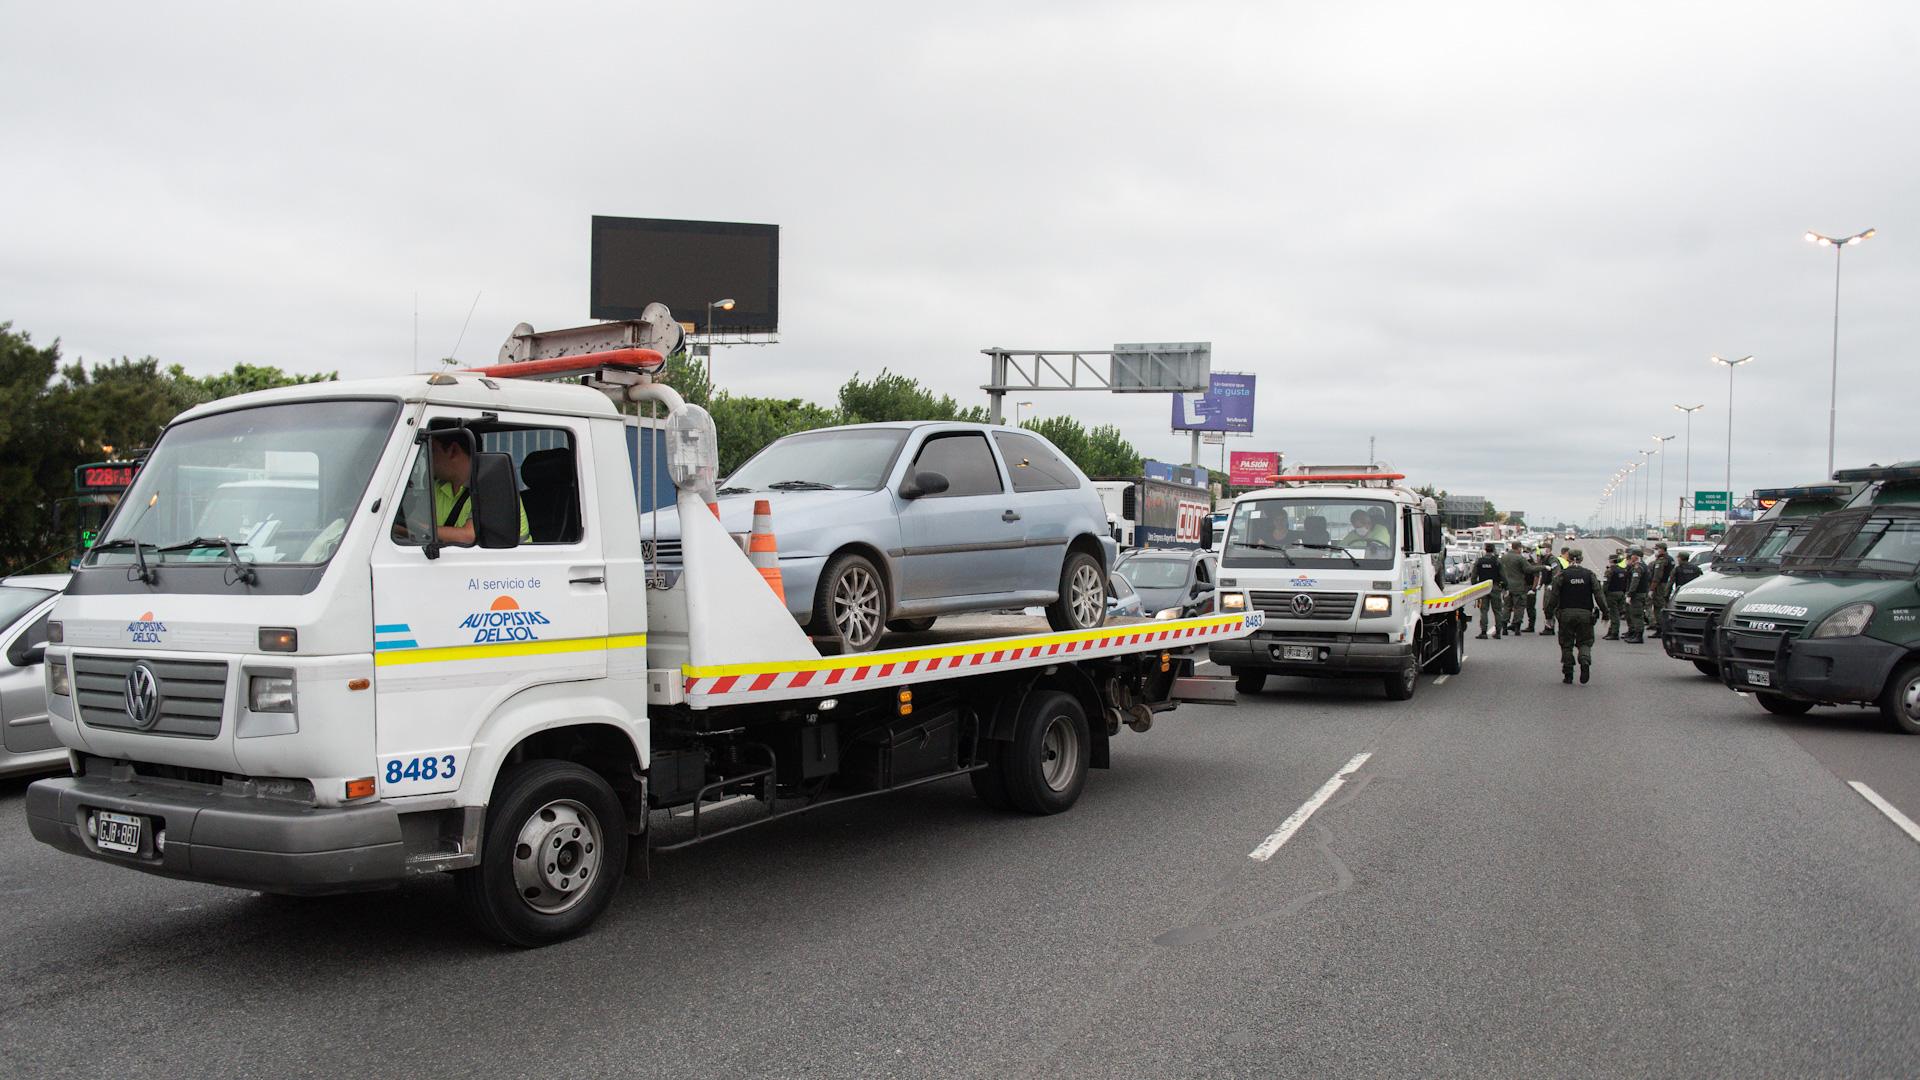 Las autoridades secuestraron varios autos que no tenían el permiso para circular